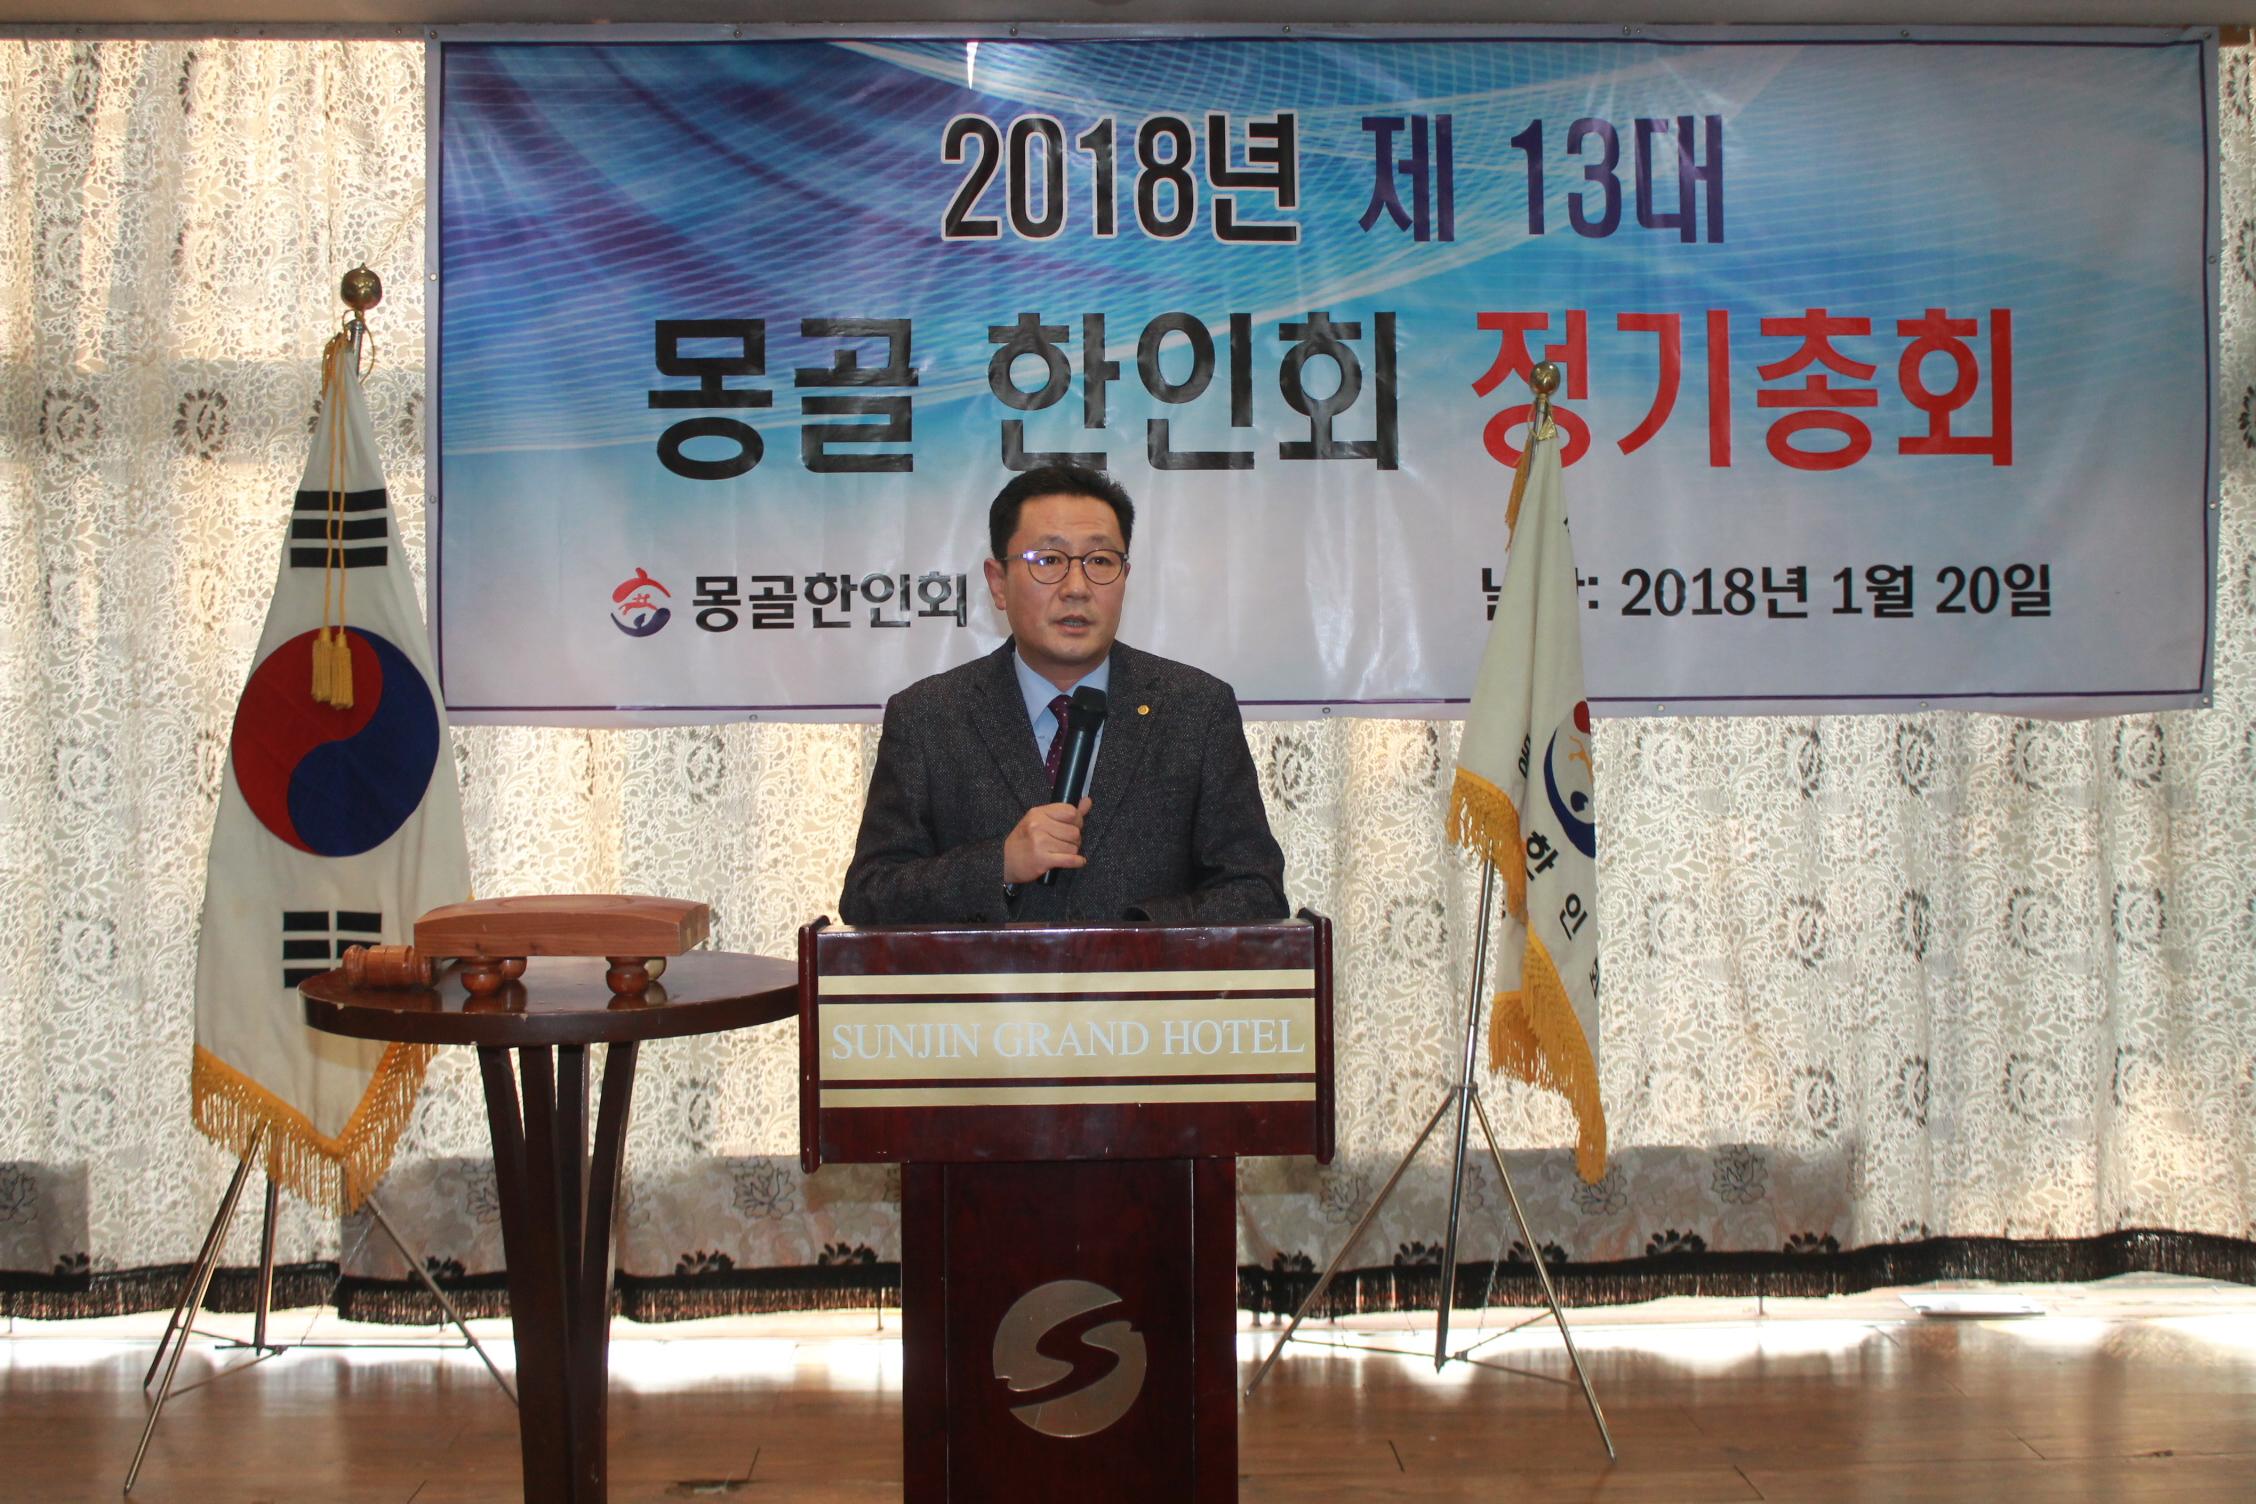 한인동정-몽골한인회 정기총회.JPG